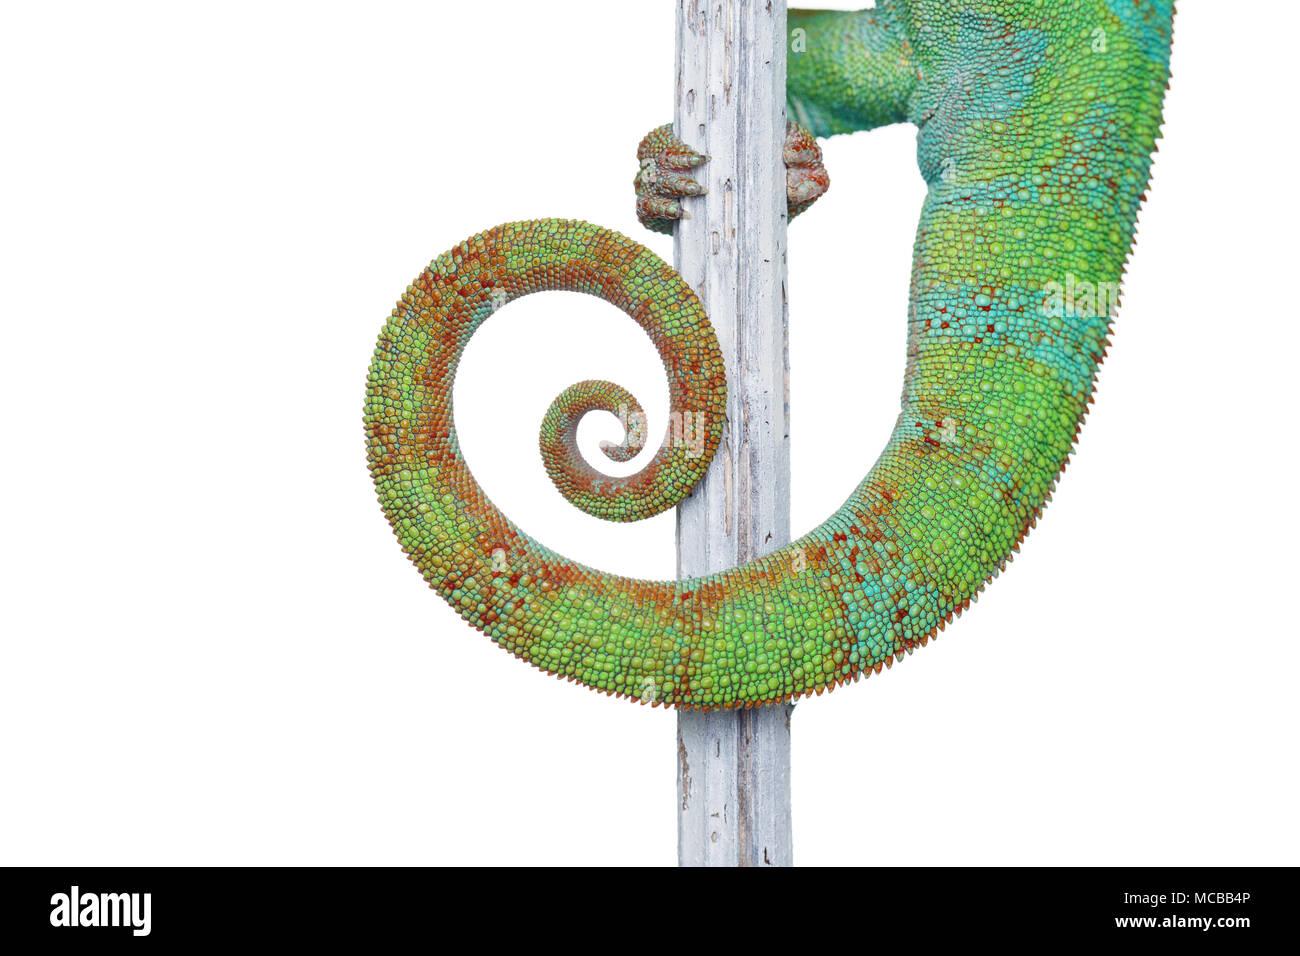 Lebendig chameleon Reptile sitzen auf Zweig. Makro studio geschossen von reptile Schwanz auf weißem Hintergrund. kopieren. Stockbild